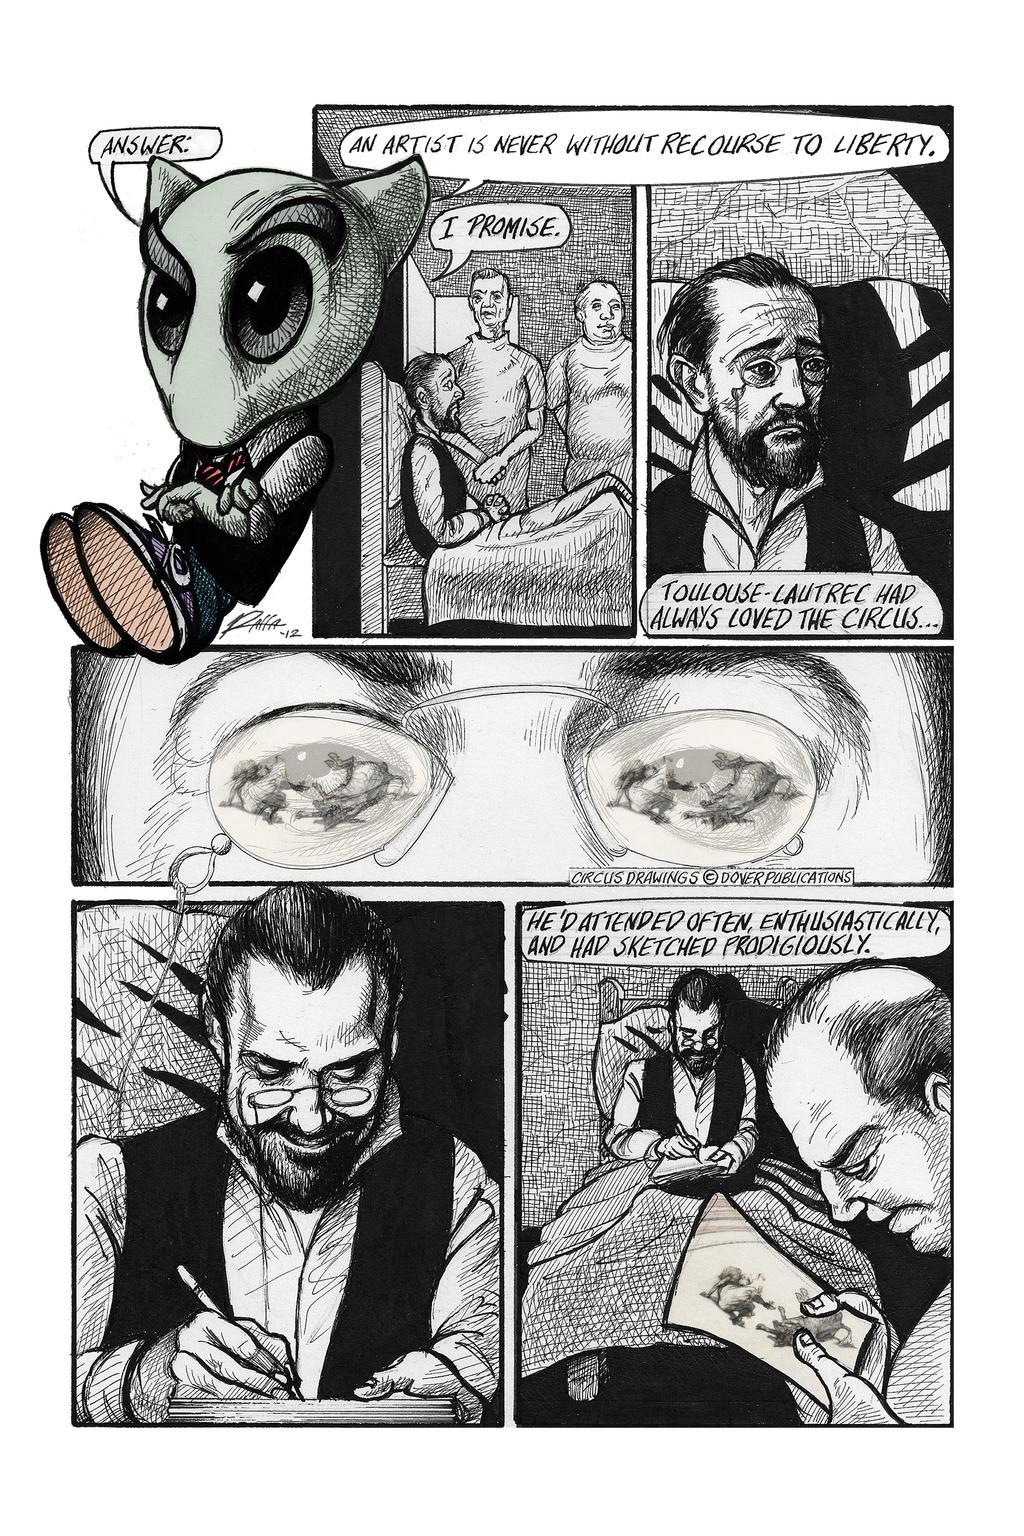 Lautrec Final page 3 by SRaffa